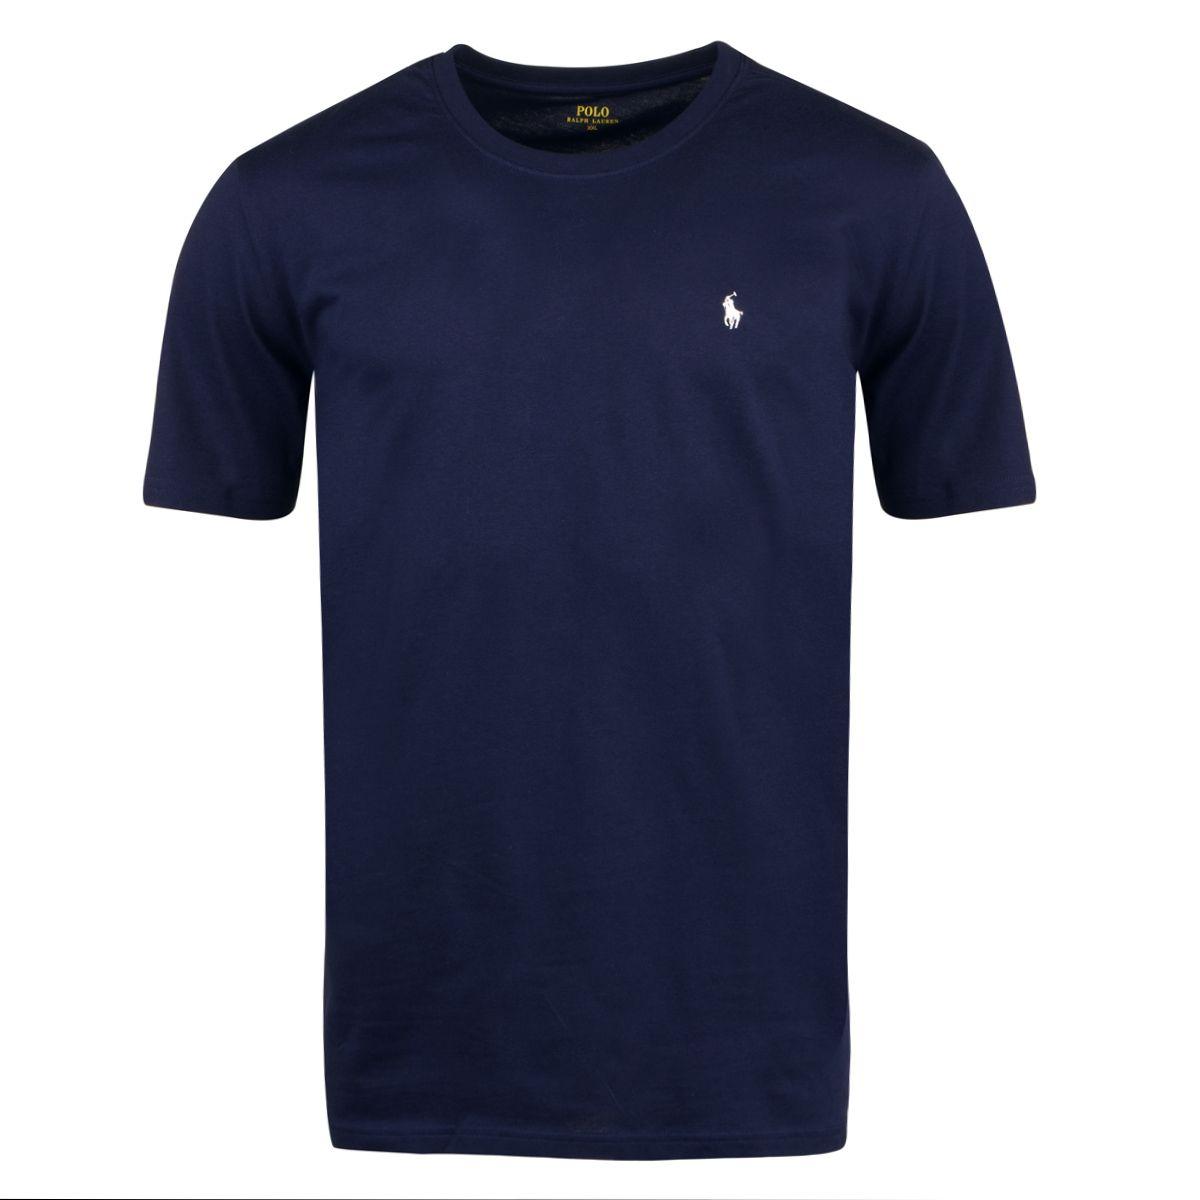 tee shirt bleu et blanc grande taille du 2xl au 6xl size factory ralph lauren. Black Bedroom Furniture Sets. Home Design Ideas